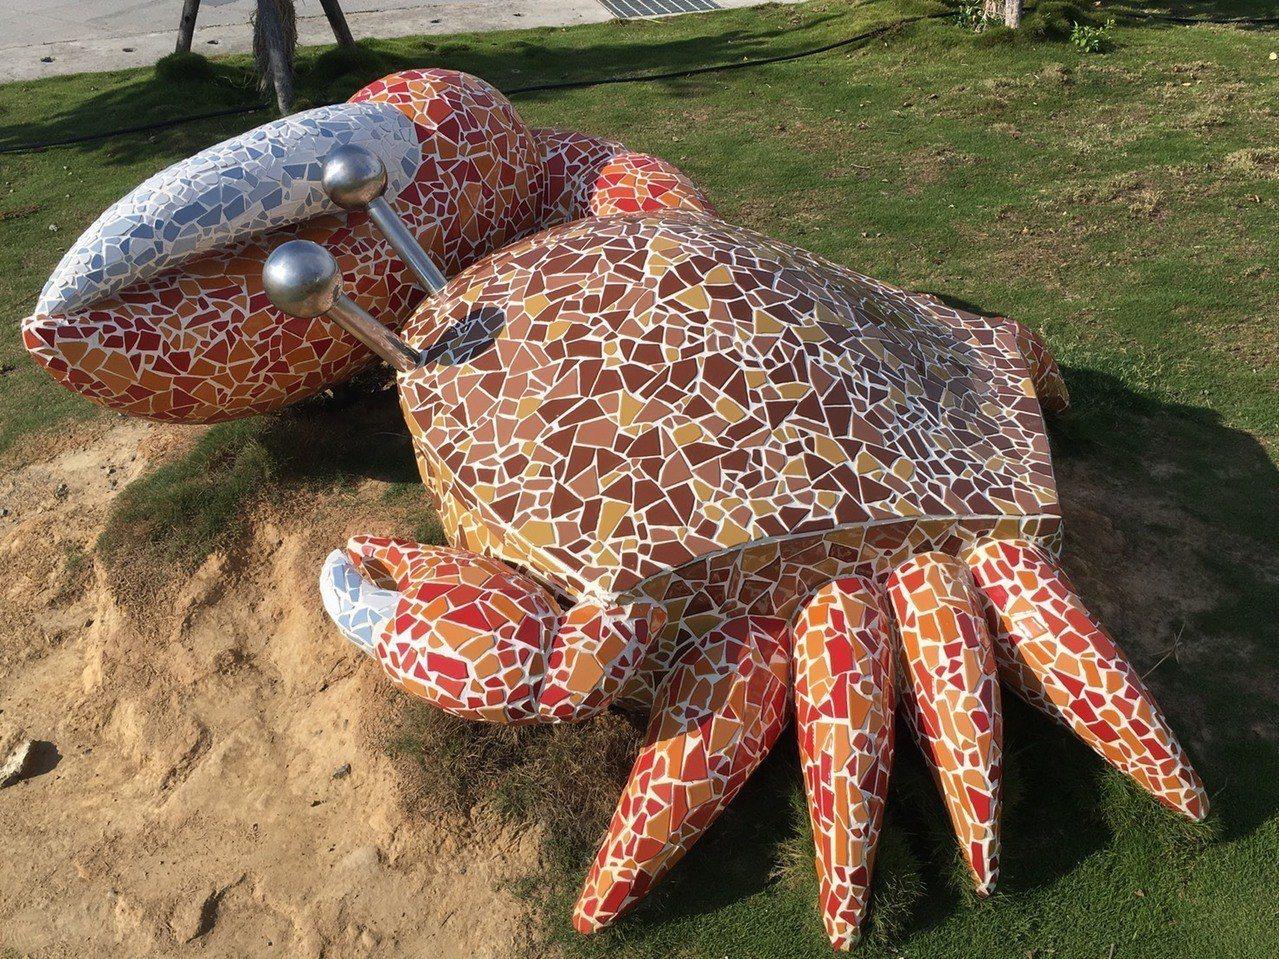 高美溼地「遊客服務中心」預計7月下旬啟用試營運,戶外的招潮蟹和貝殻造型的景觀藝術...